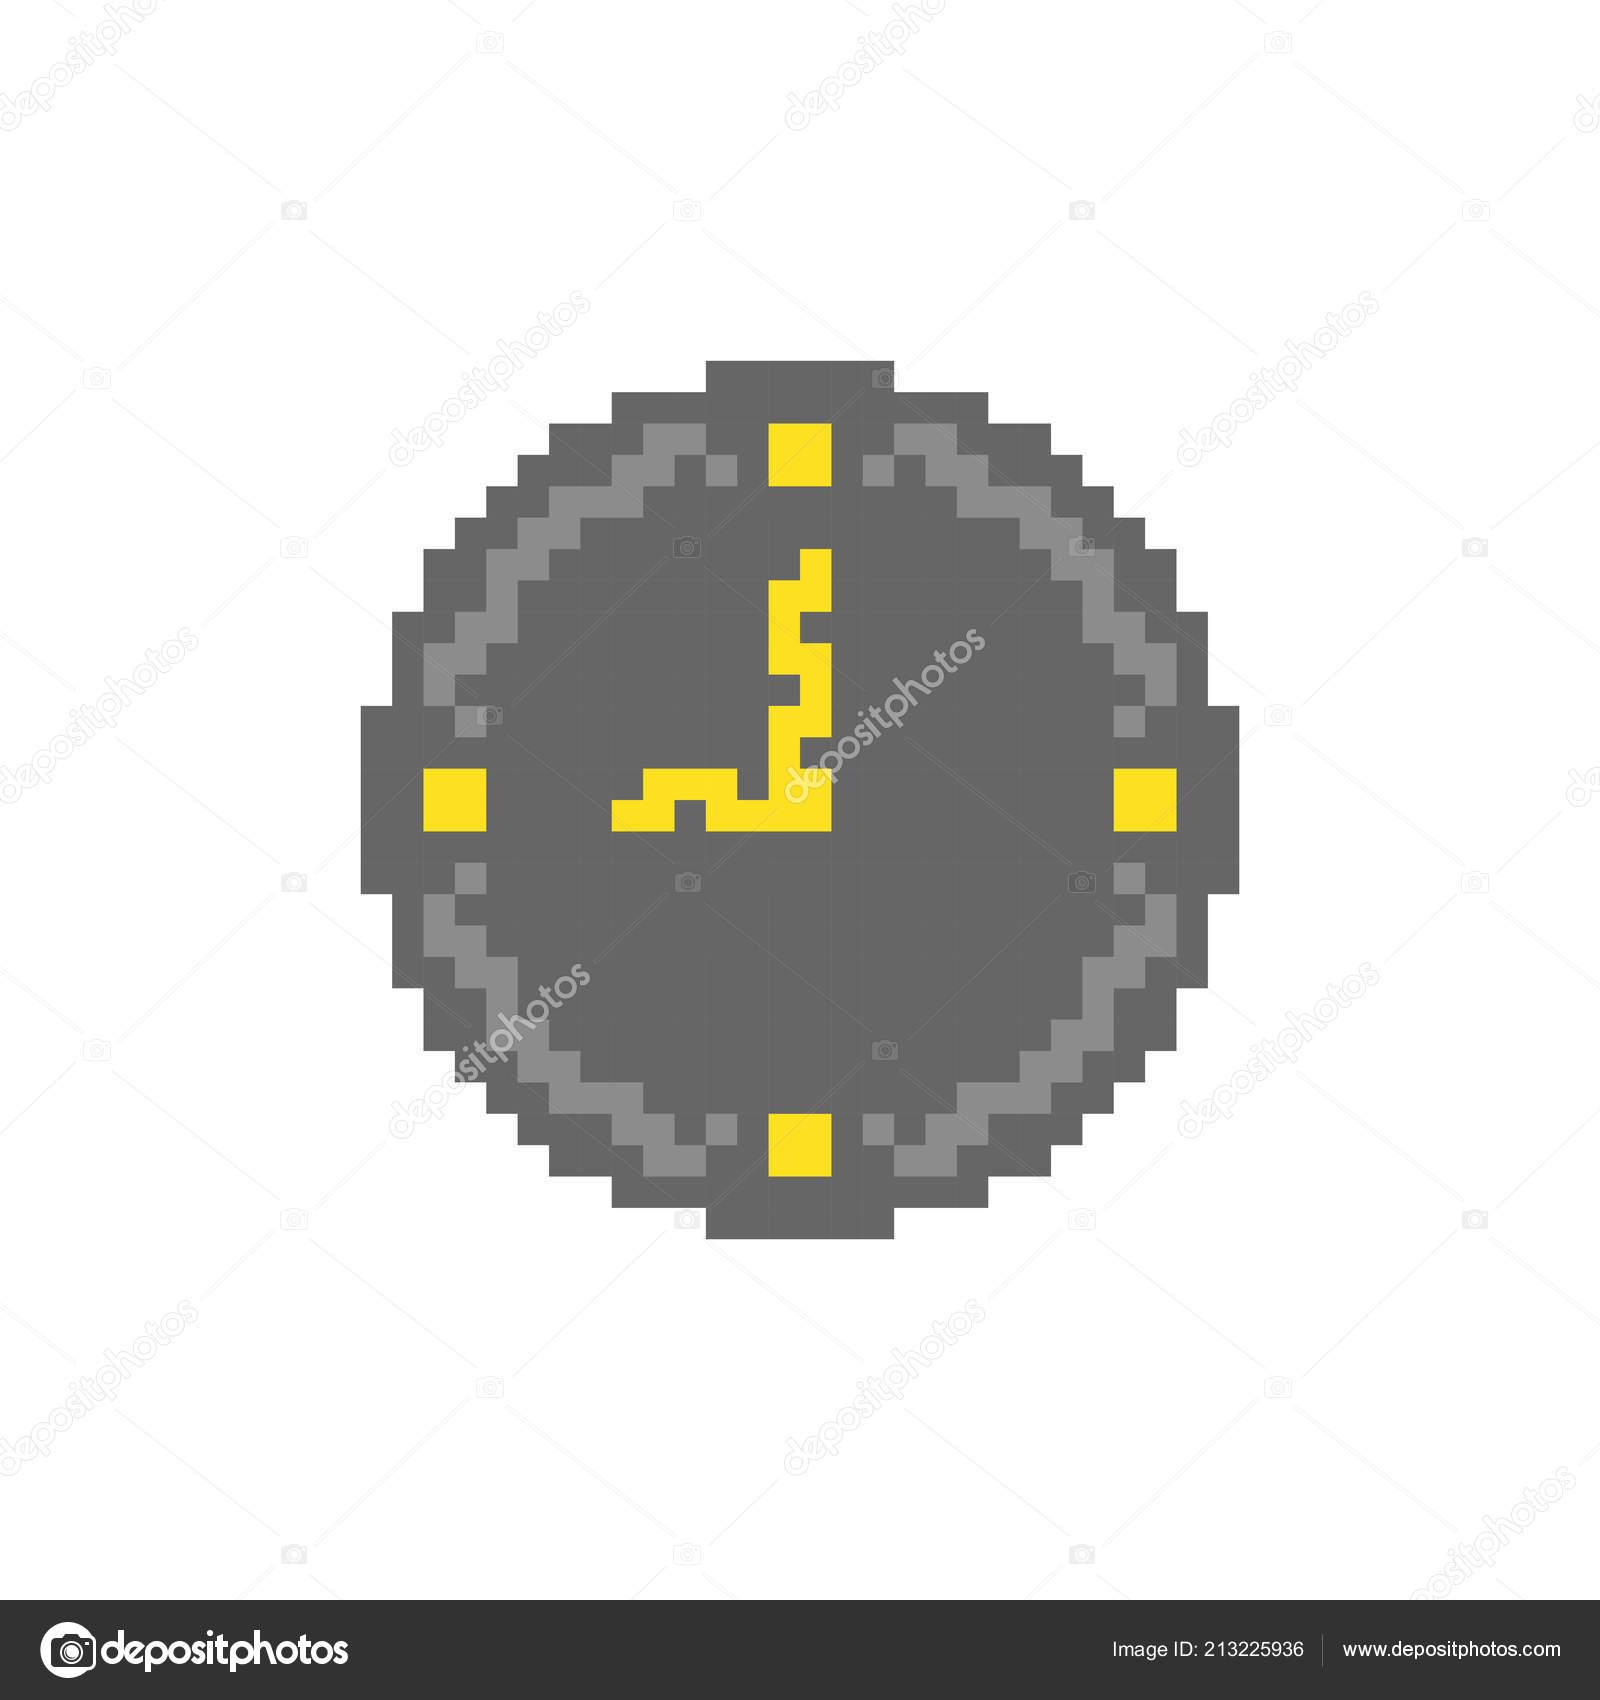 Plano Reloj Icono Imágenes Vectoriales Pixel — Archivo edoWQrCBx